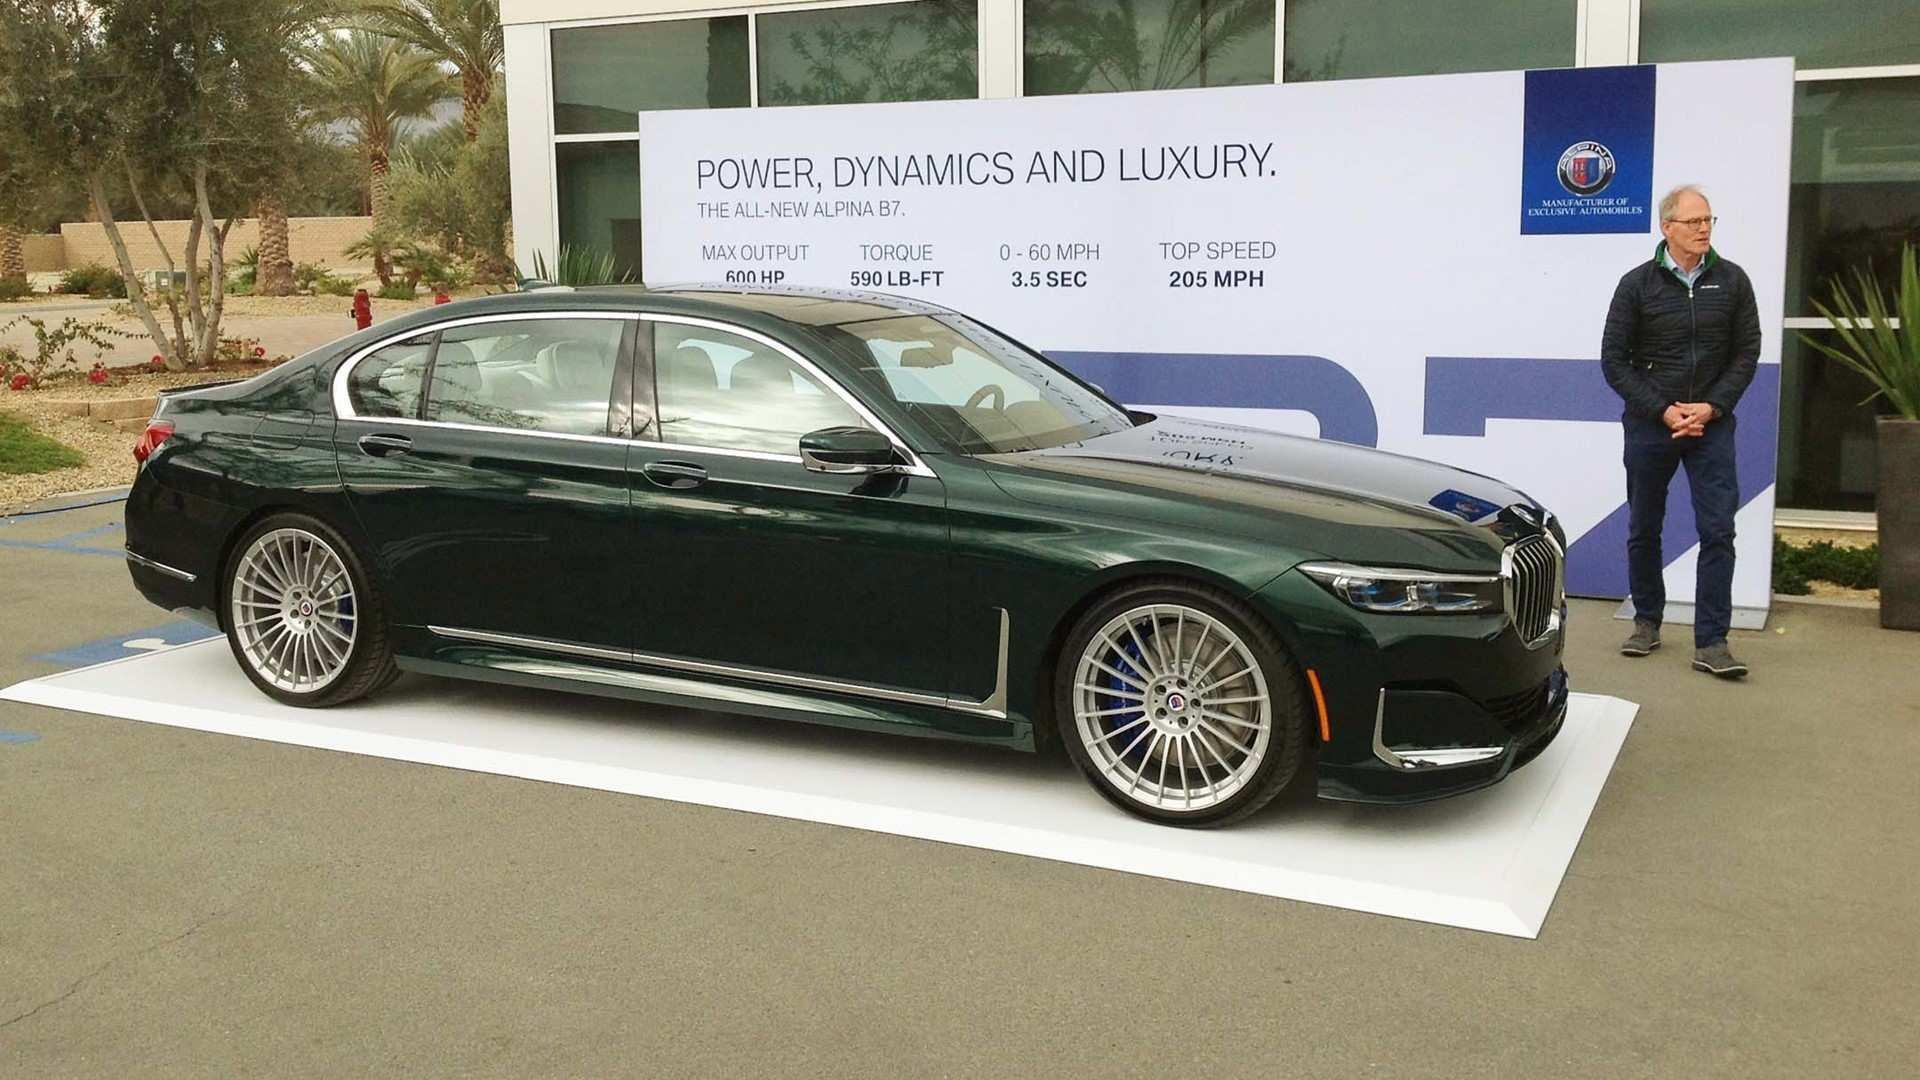 41 New BMW Alpina B7 2020 Price Style by BMW Alpina B7 2020 Price